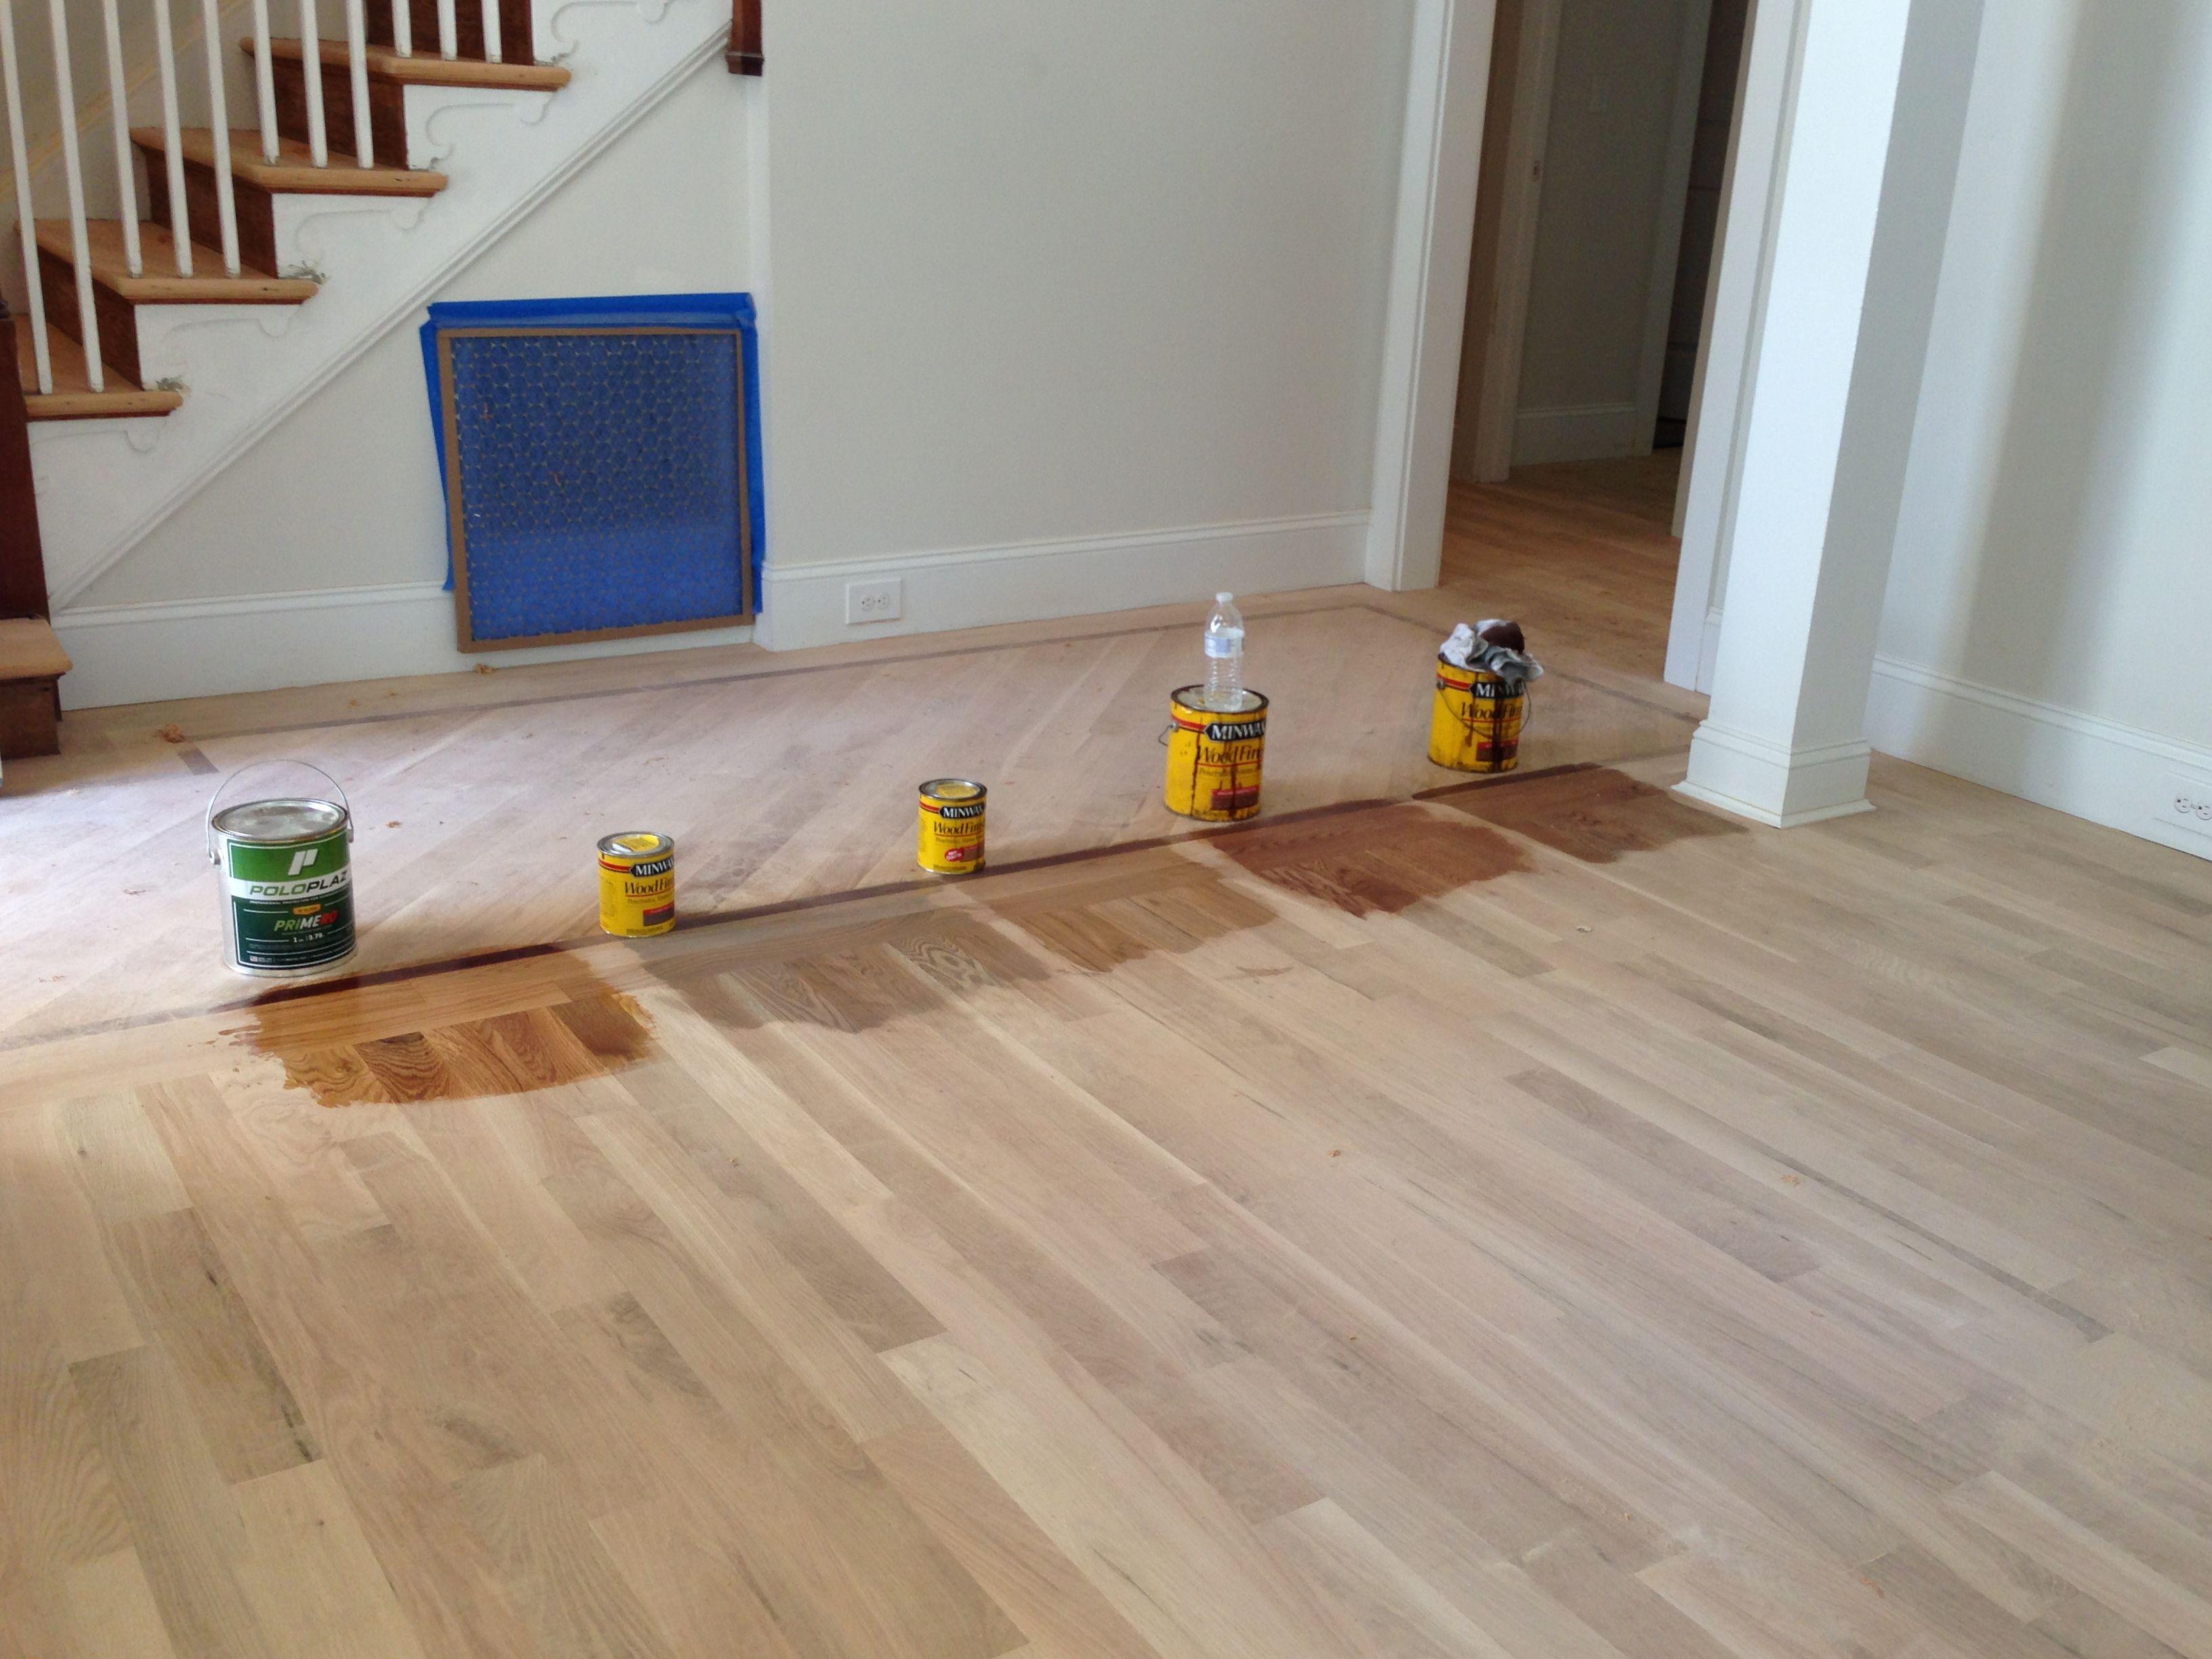 Minwax floor stains for White Oak flooring far left, just